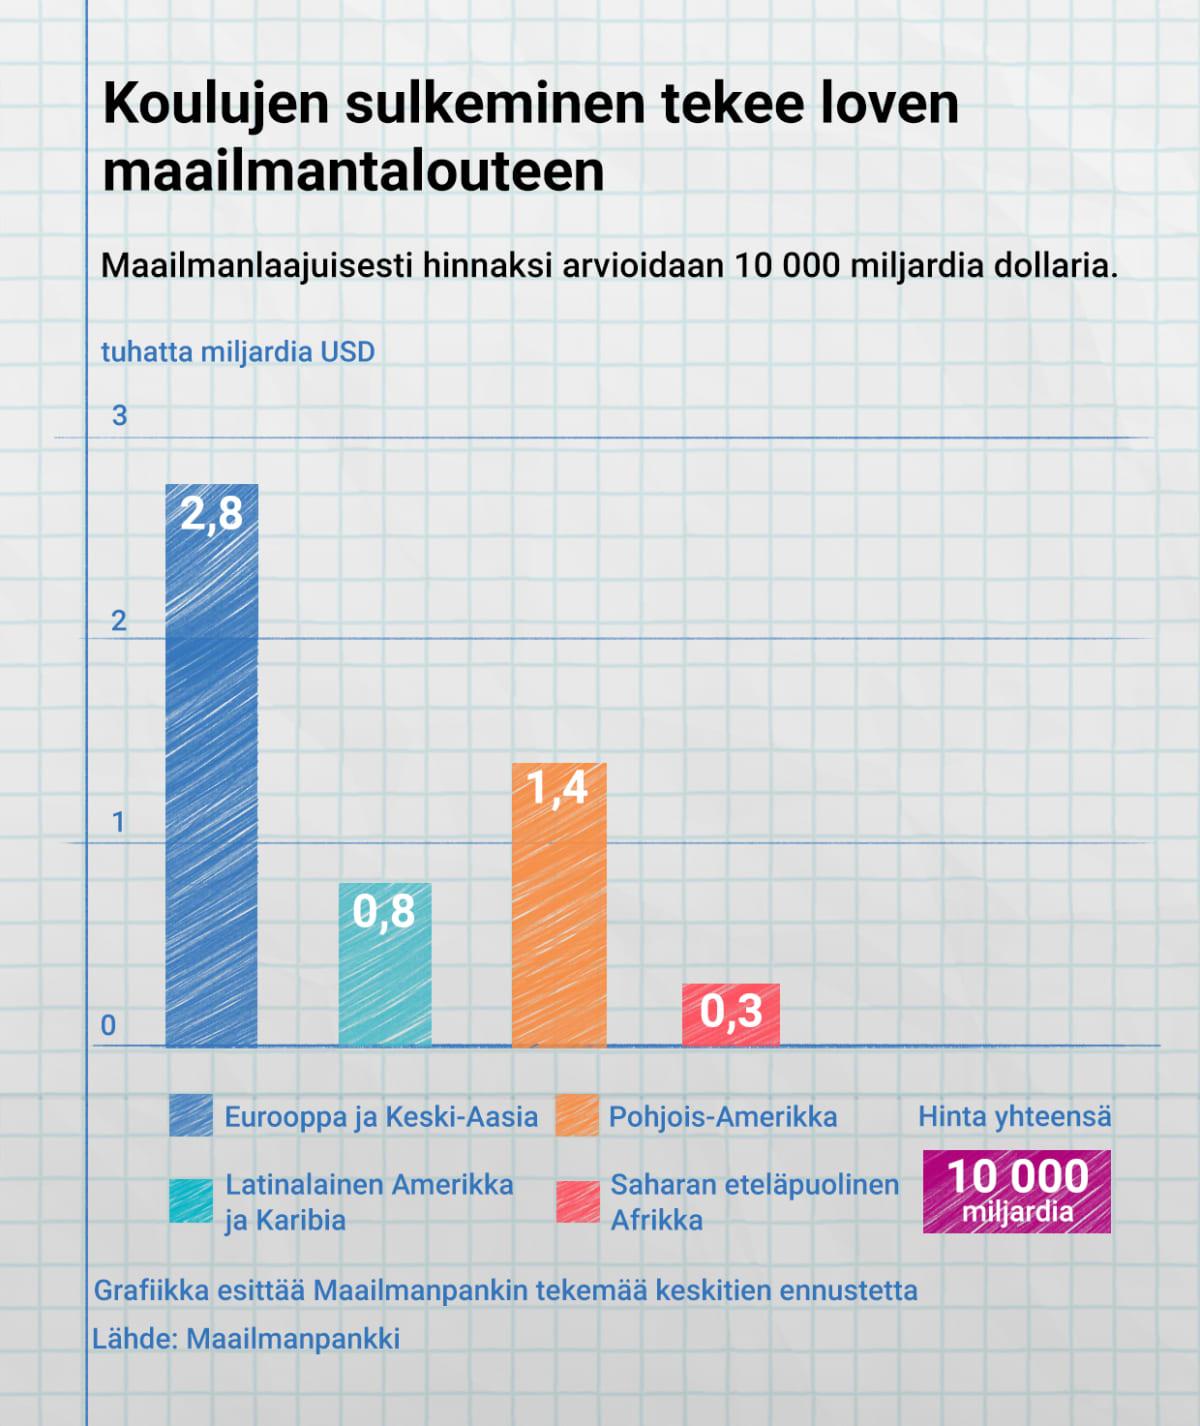 Tilastografiikka pandemian vaikutuksista tuloihin.